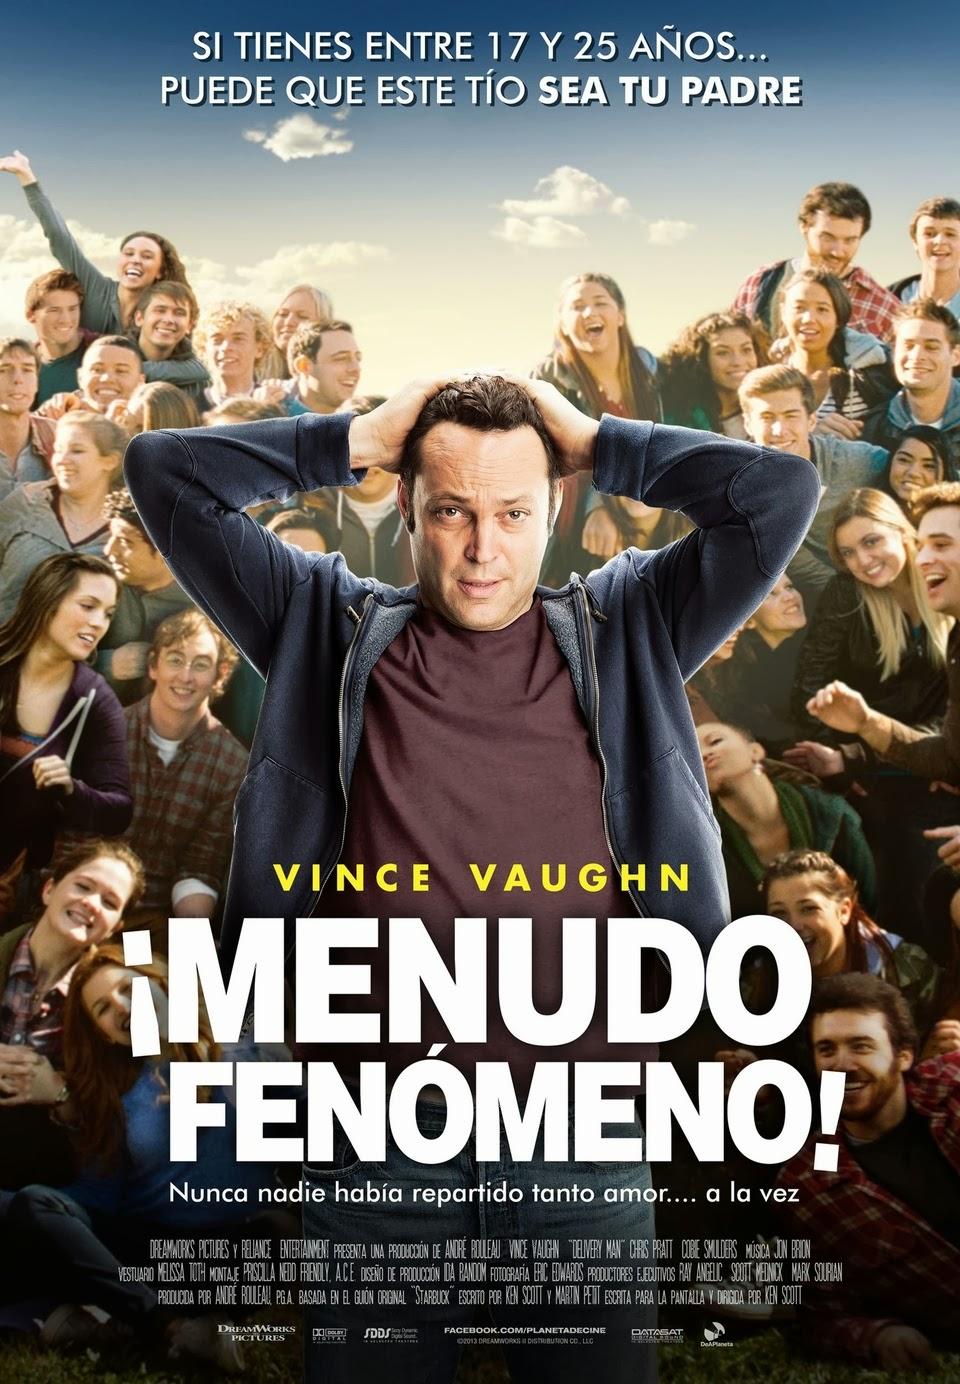 ¡Menudo fenómeno! (Delivery Man) (2013)